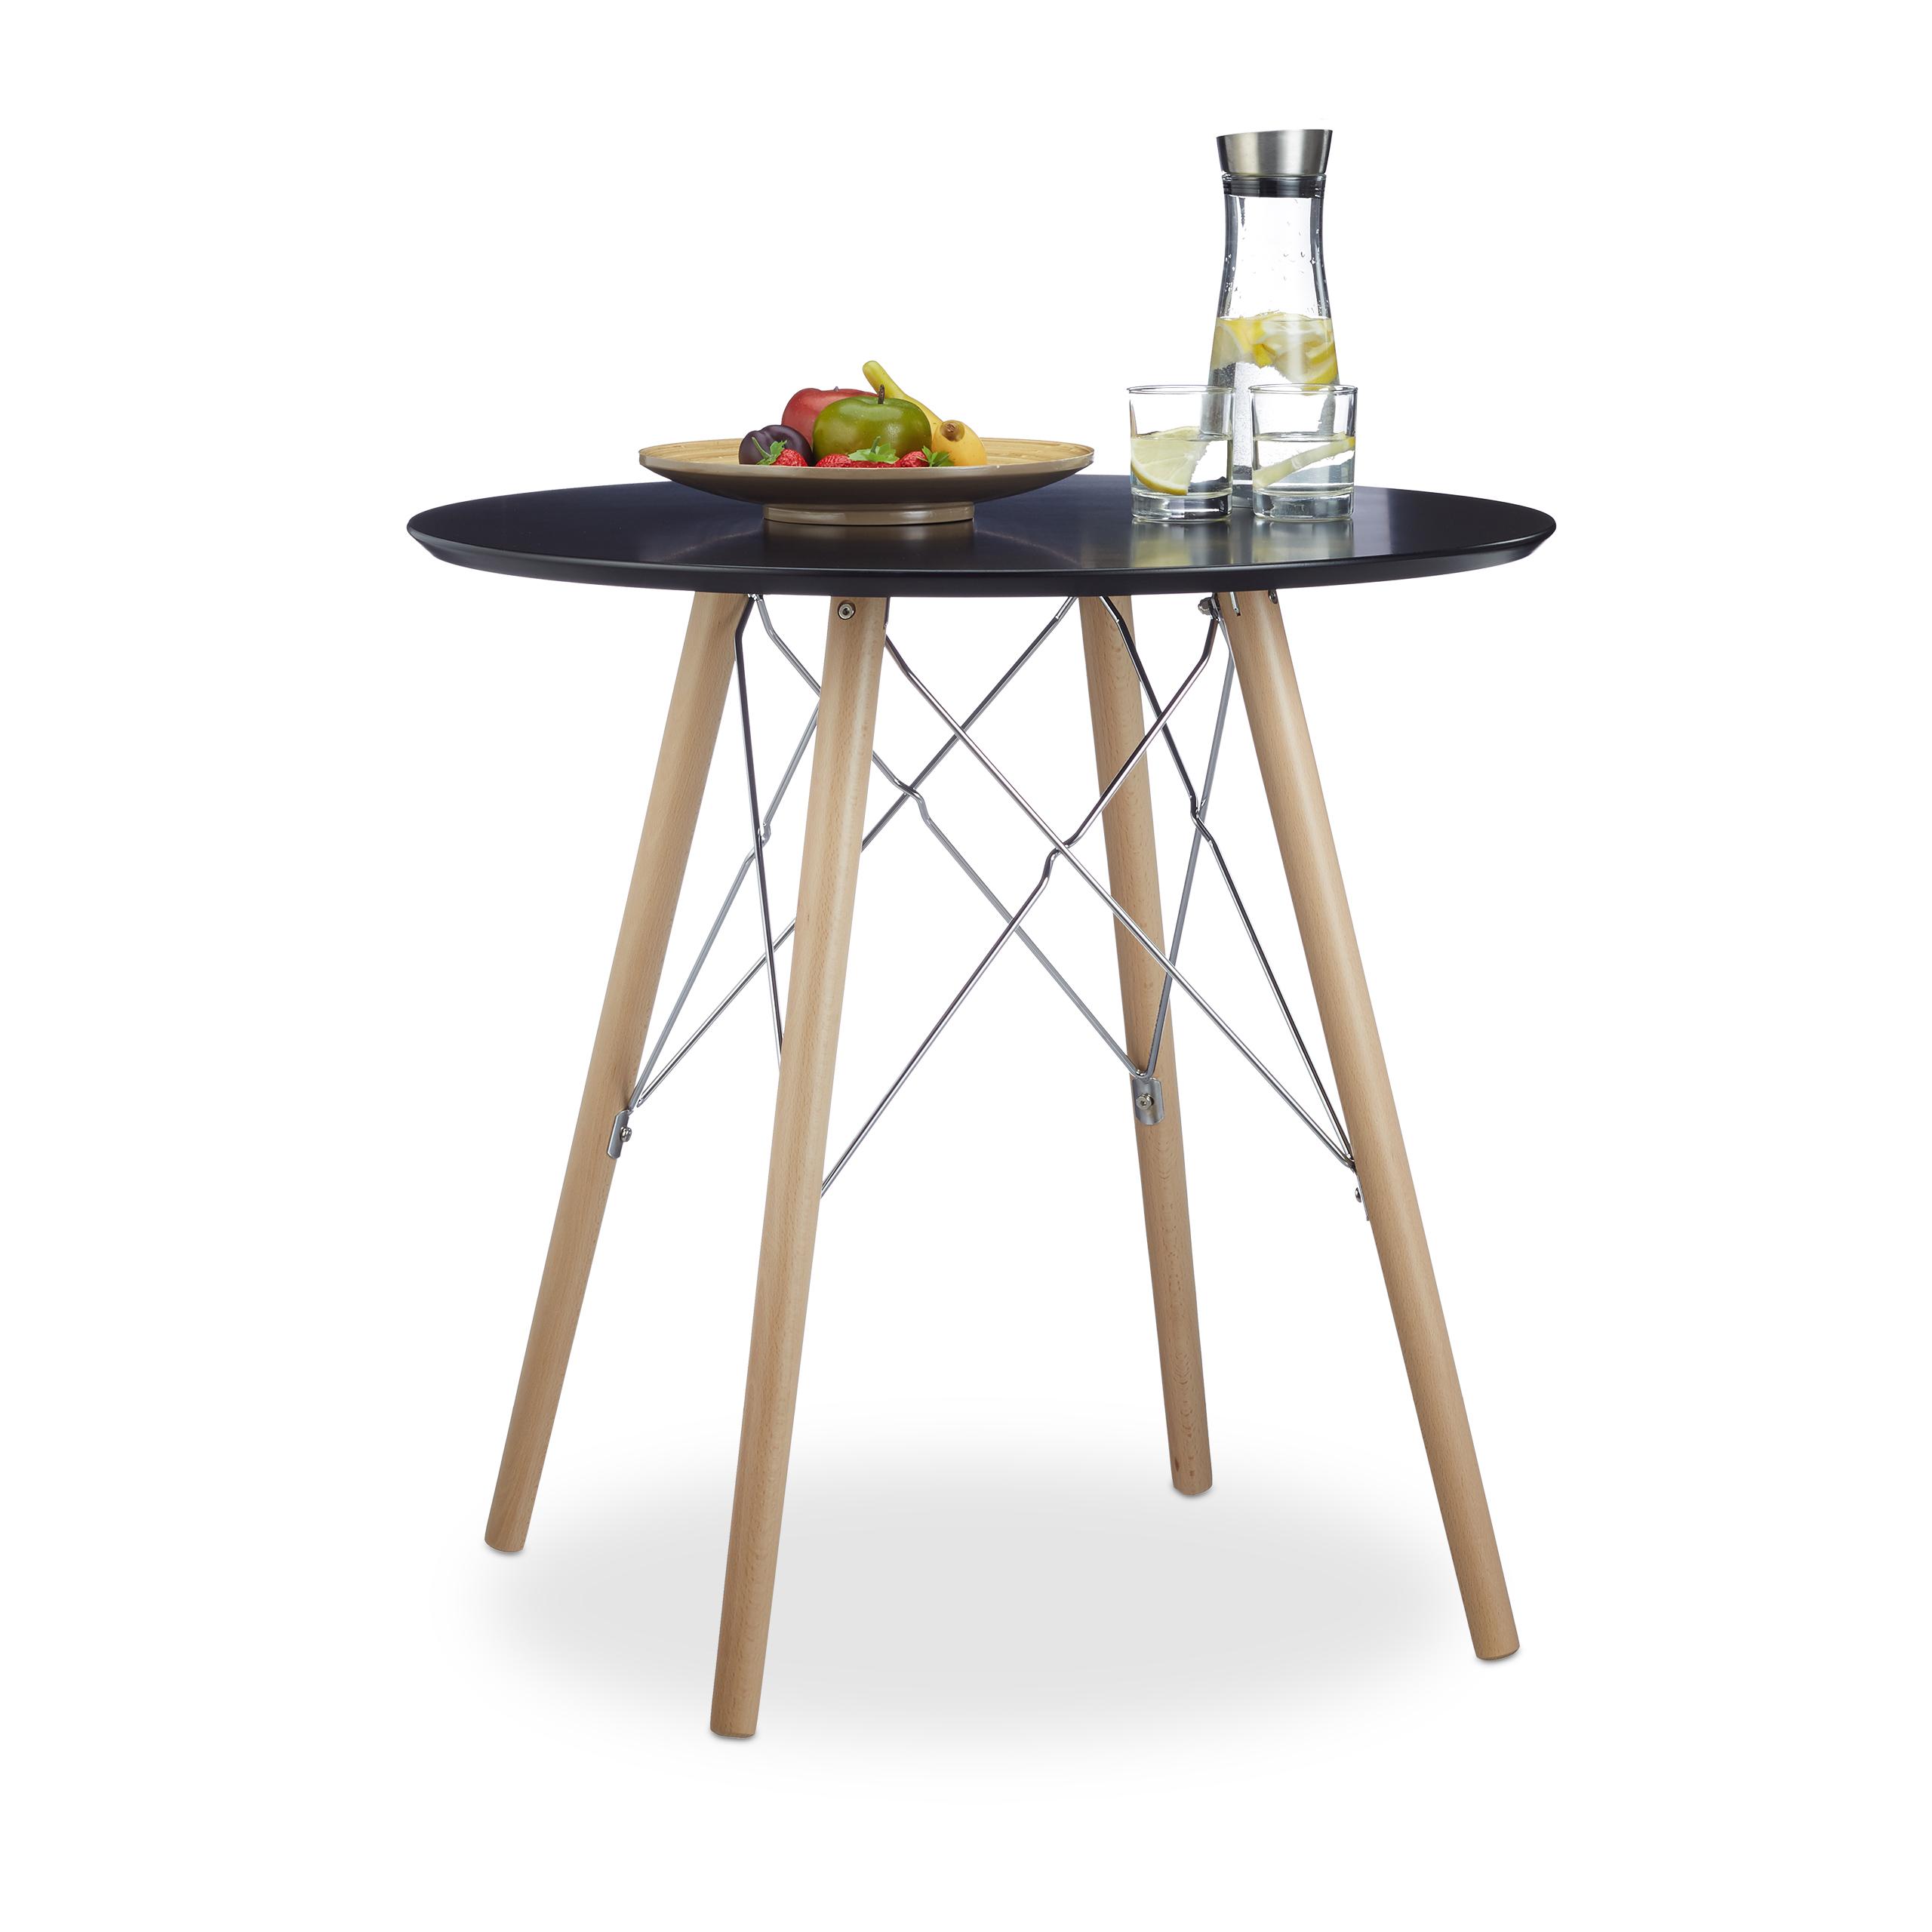 Küchentisch klein, Esstisch rund, nordischer Stil Holztisch, kleine ...